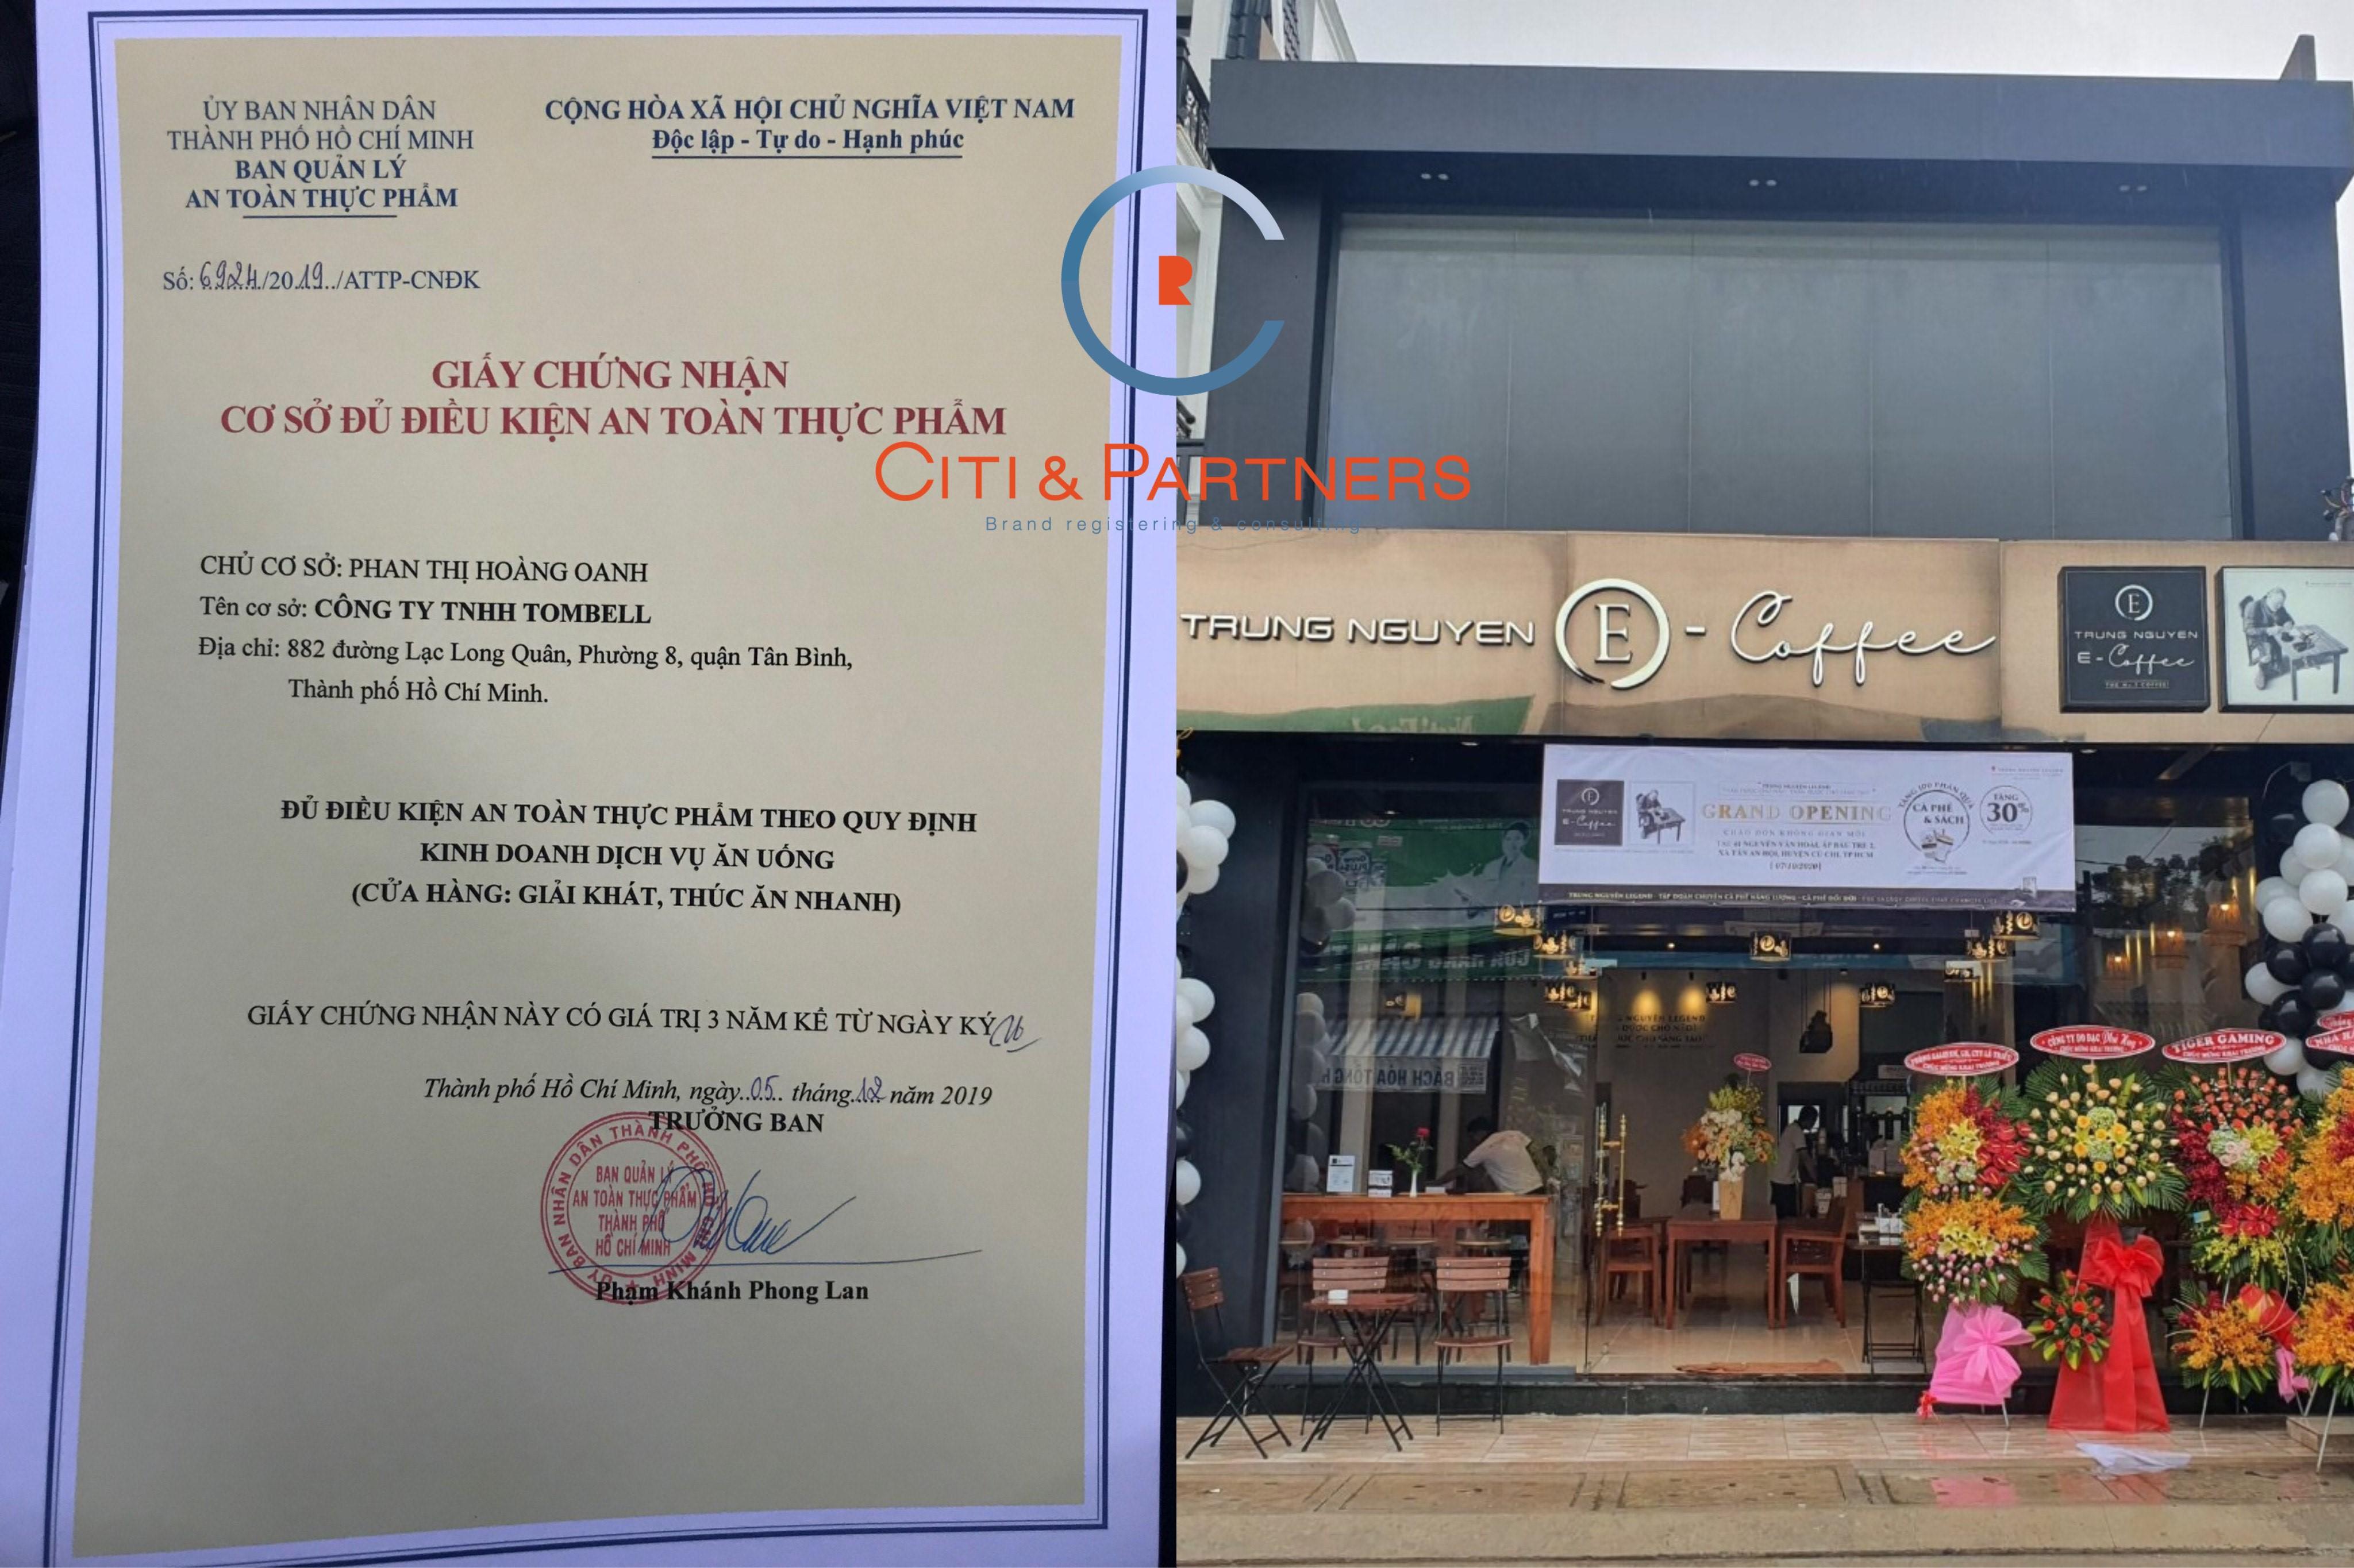 Đăng ký giấy vệ sinh an toàn thực phẩm cho thương hiệu cà phê E Cofee